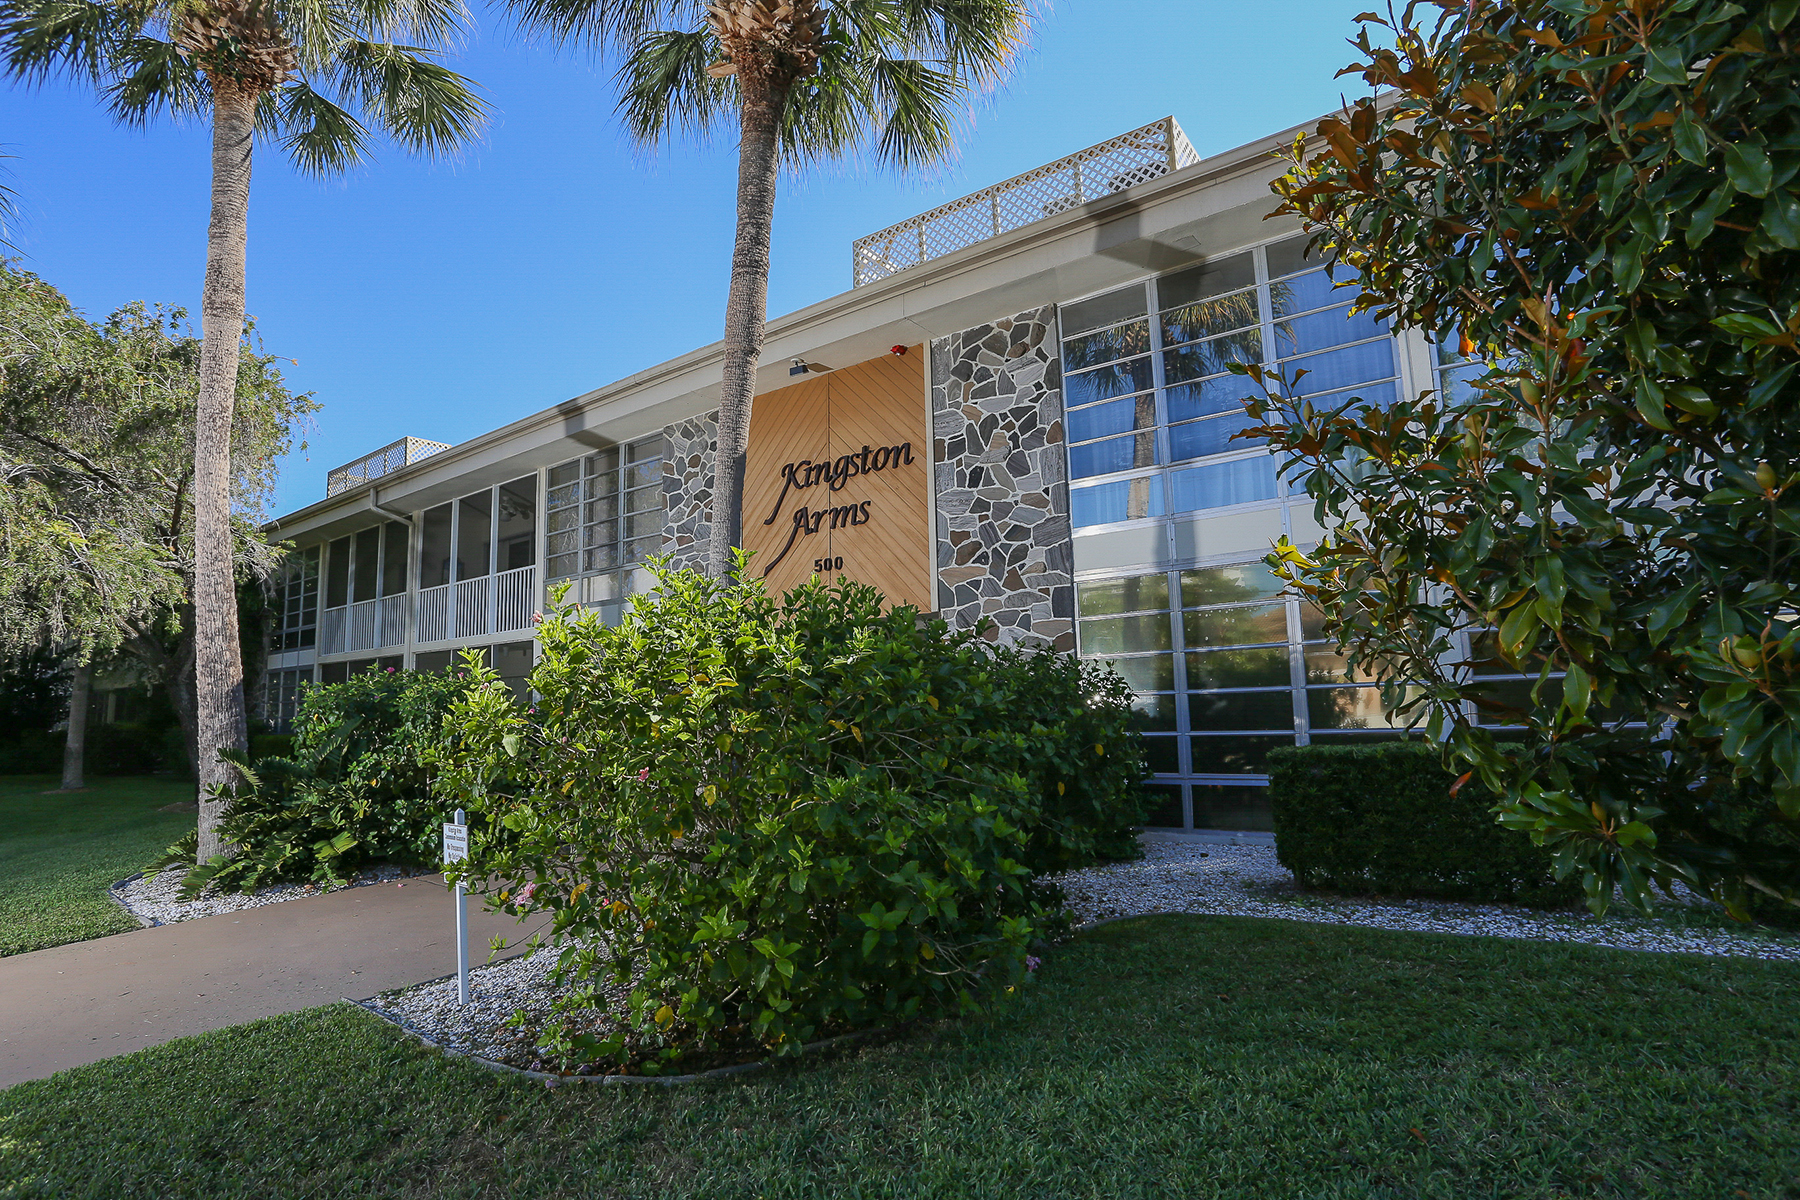 共管式独立产权公寓 为 出租 在 SARASOTA - KINGSTON ARMS 500 S Washington Dr 5A, 萨拉索塔, 佛罗里达州, 34236 美国